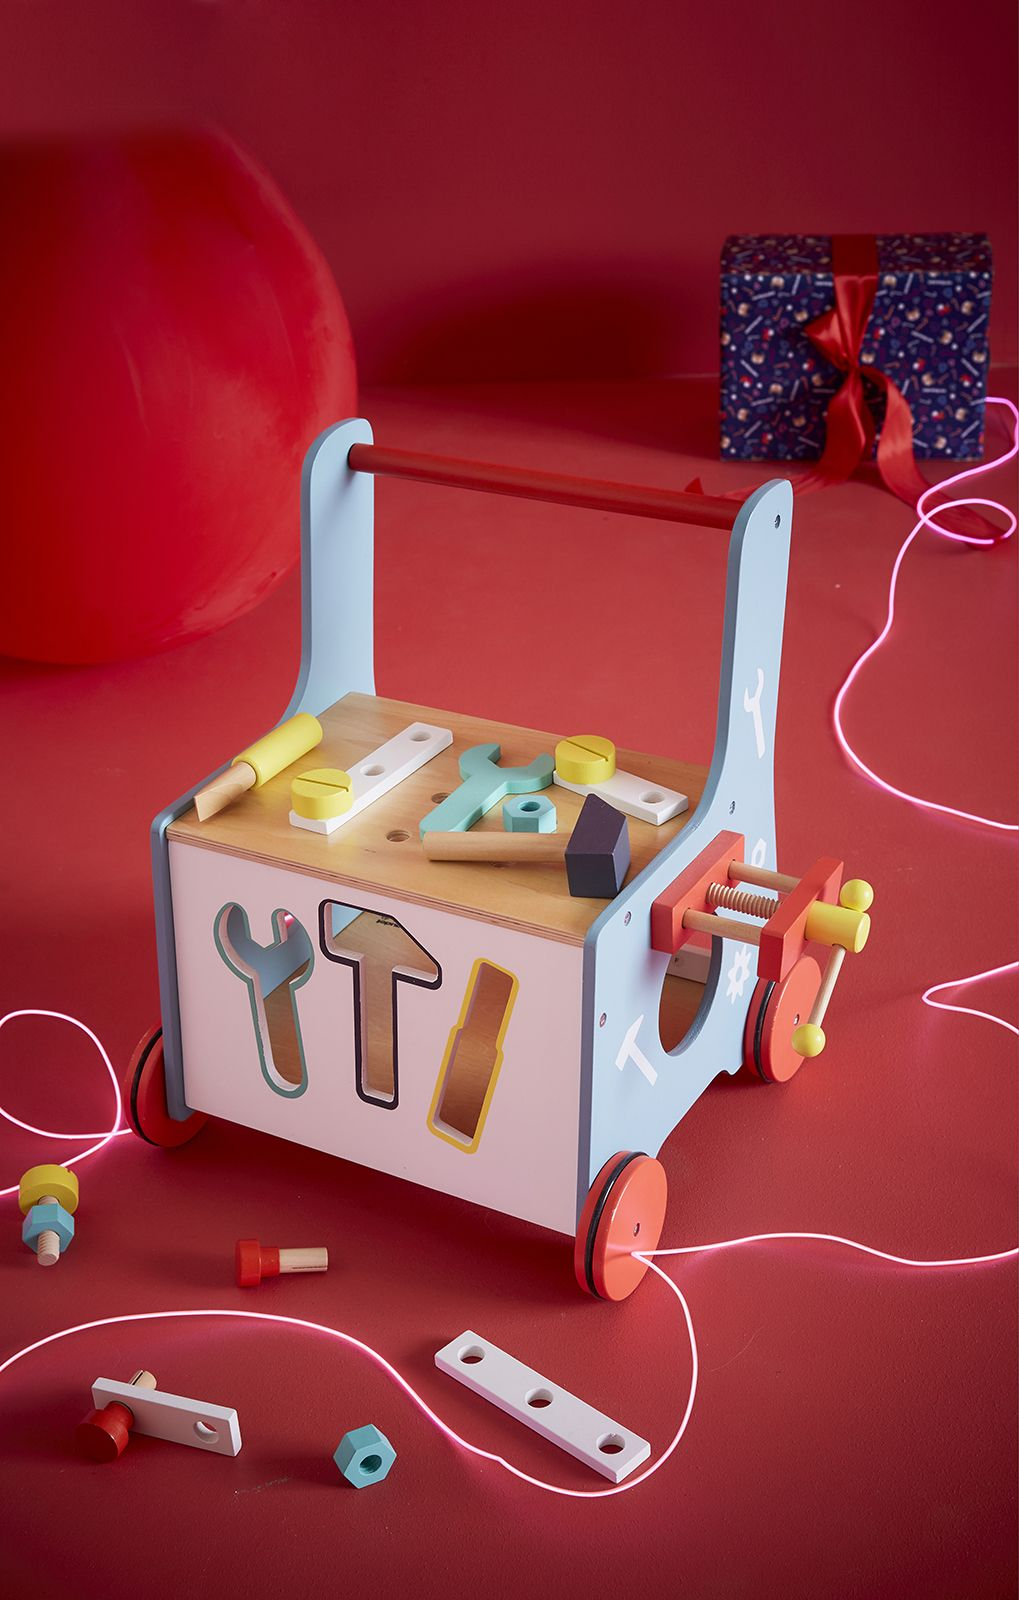 Chariot  établi avec  outils en  bois Tout le matériel nécessaire pour  bricoler a1a1a4bffd8